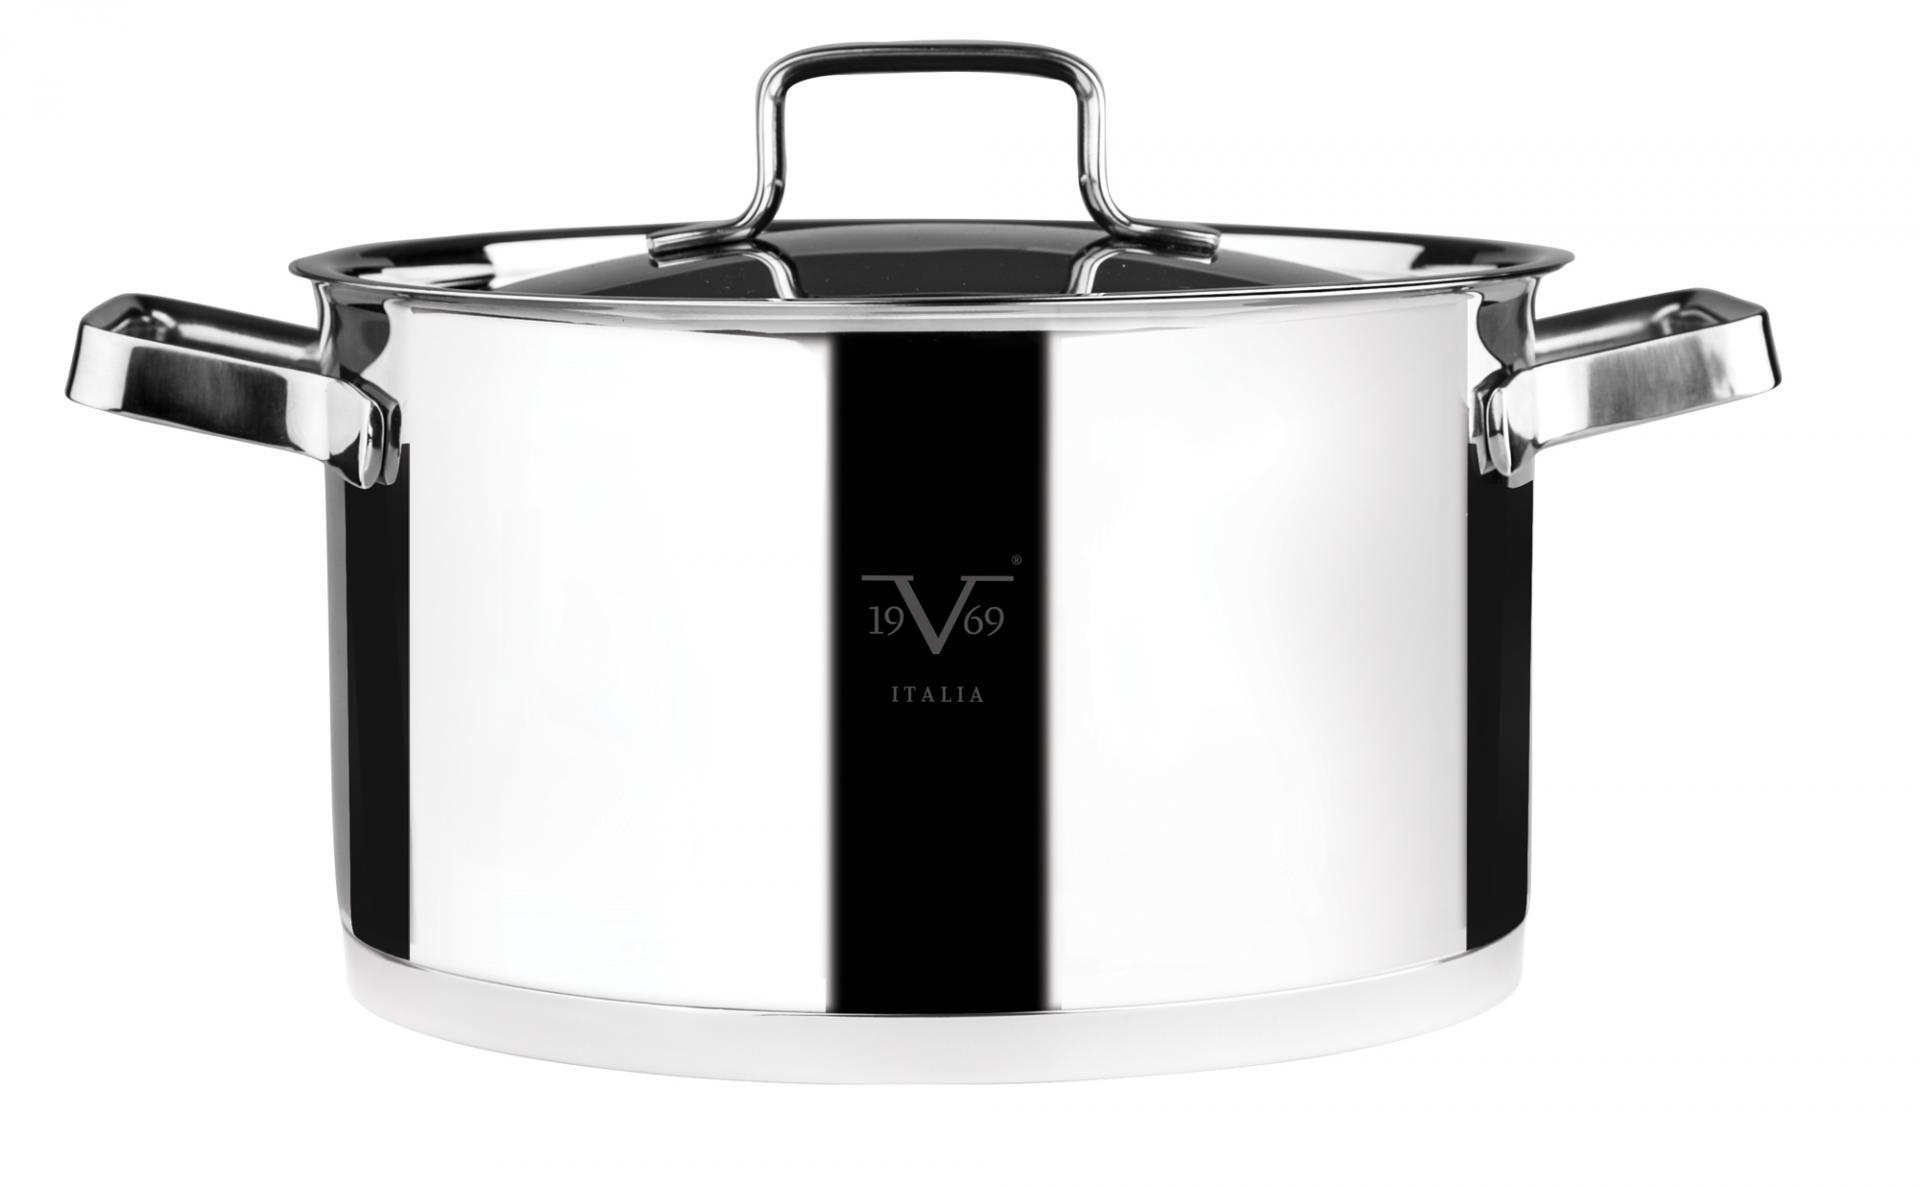 Χύτρα Opera 20cm Versace 19V69 Italia home   σκευη μαγειρικης   κατσαρόλες χύτρες